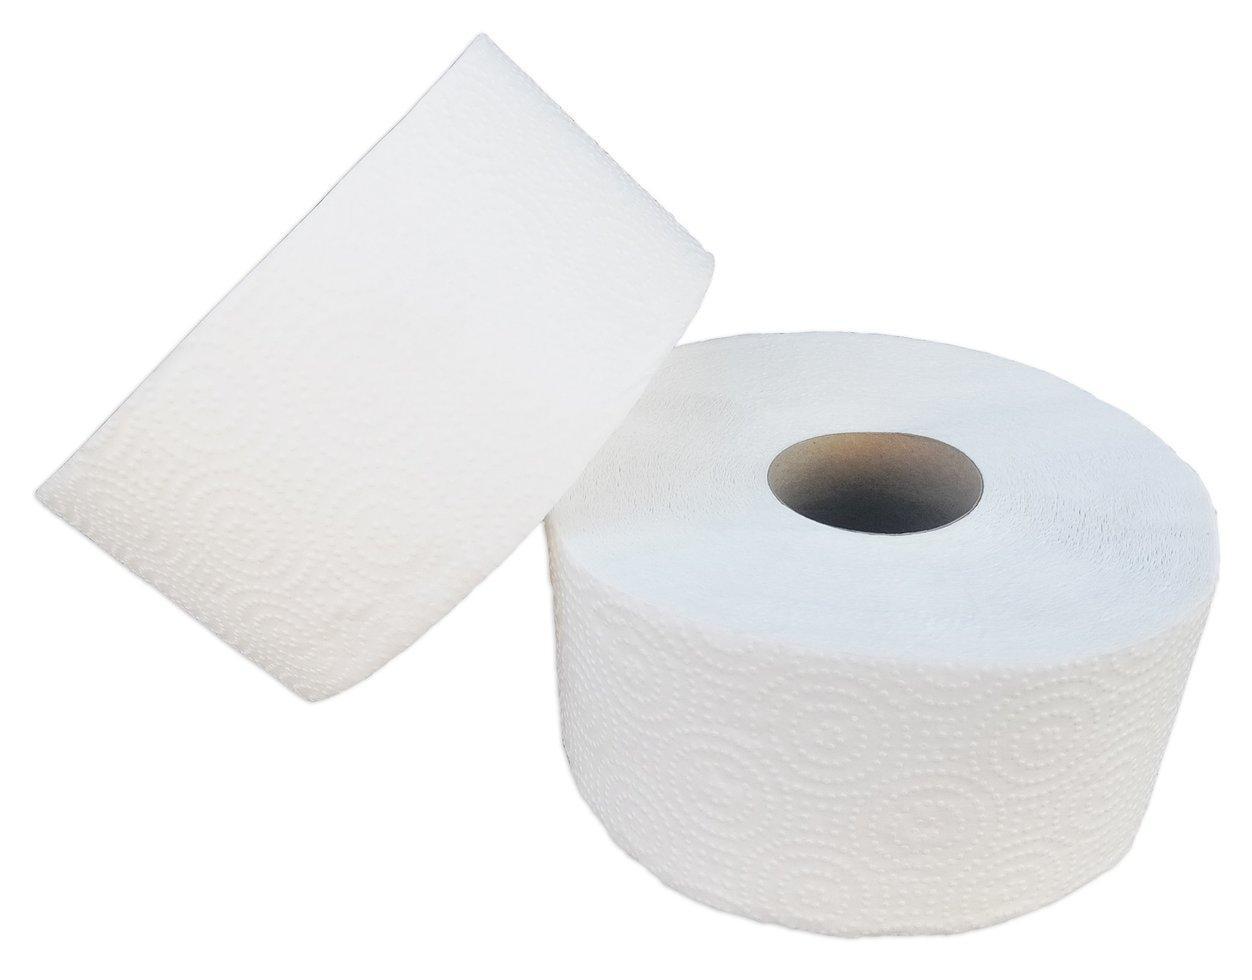 Туалетная бумага «Джамбо» двухслойная белая с перфорацией 100% целлюлоз. В рулоне 100 м (Green ix), фото 1